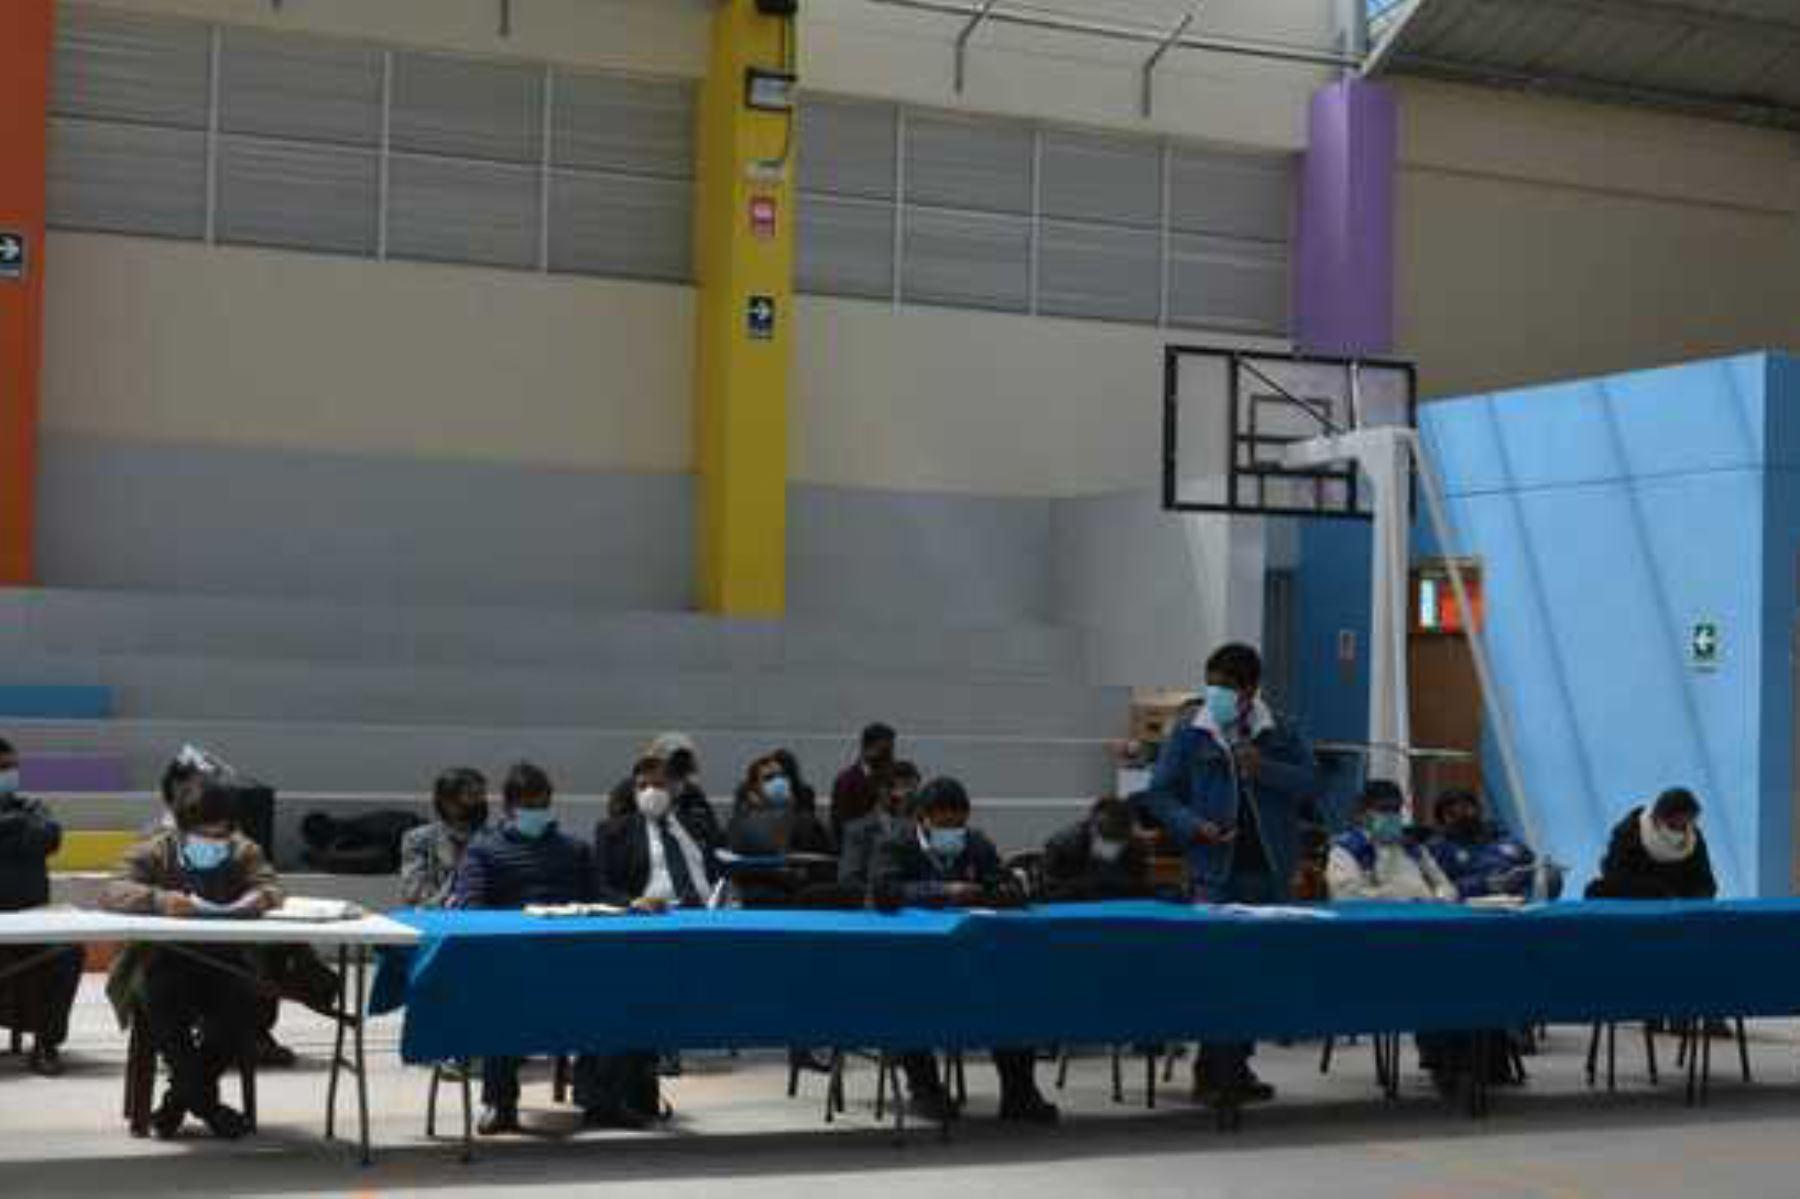 Minem instala mesa de diálogo para impulsar el desarrollo sostenible de Espinar, Cusco. Foto: ANDINA/ Minem